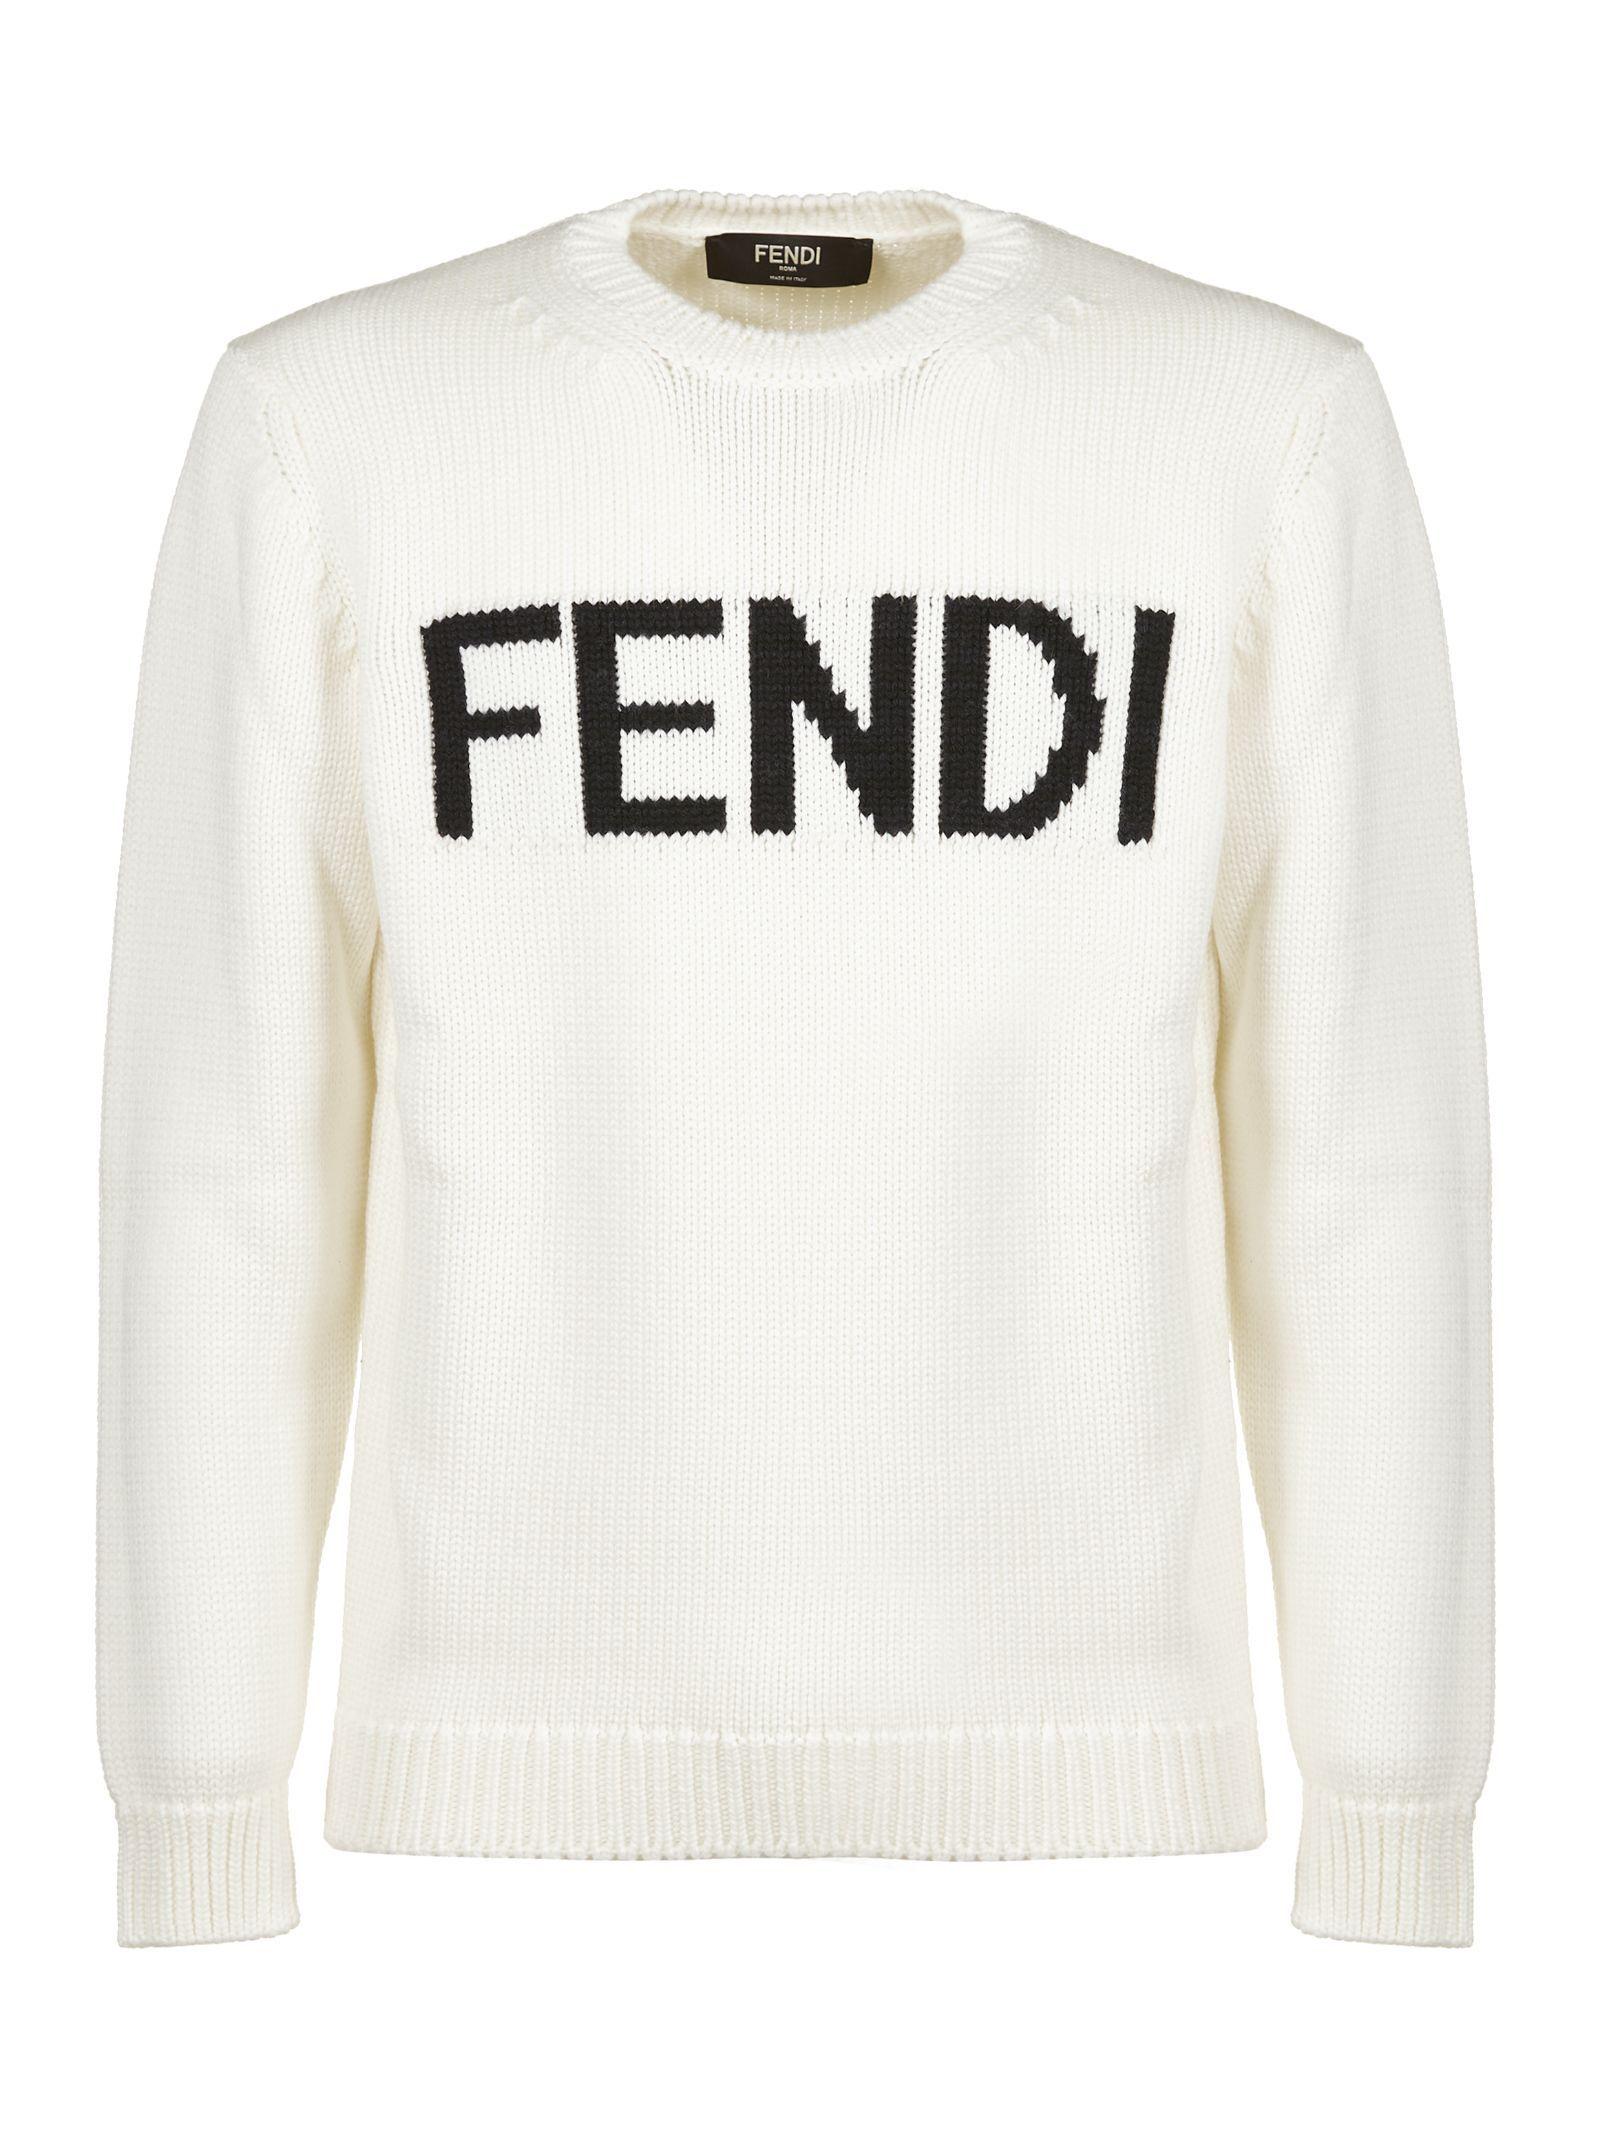 8672a8b434dd FENDI LOGO SWEATER.  fendi  cloth